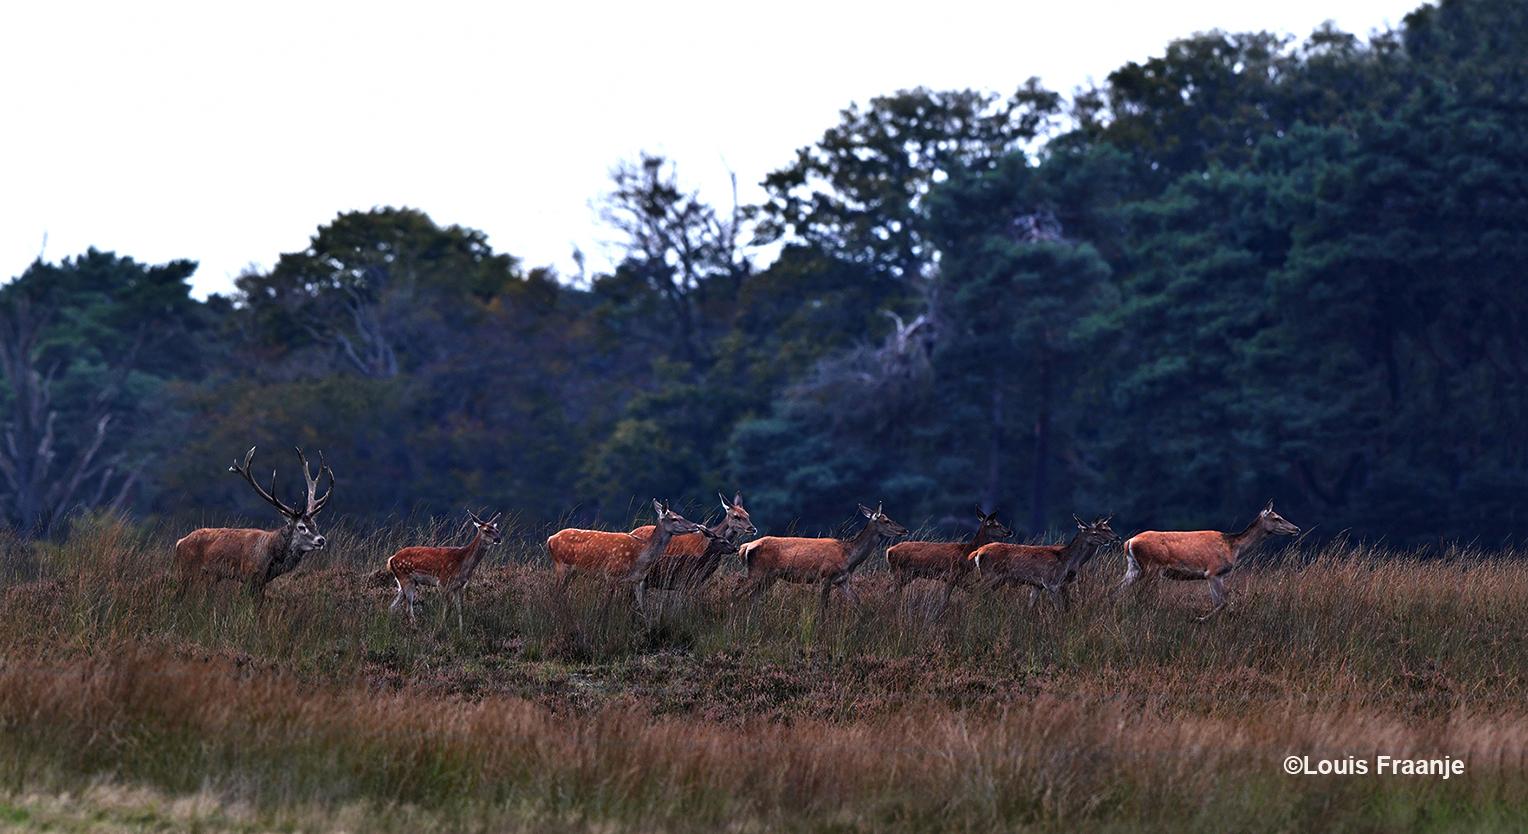 Helemaal achteraan loopt het plaatshert die het roedel naar de wildweide probeert te drijven - Foto: ©Louis Fraanje